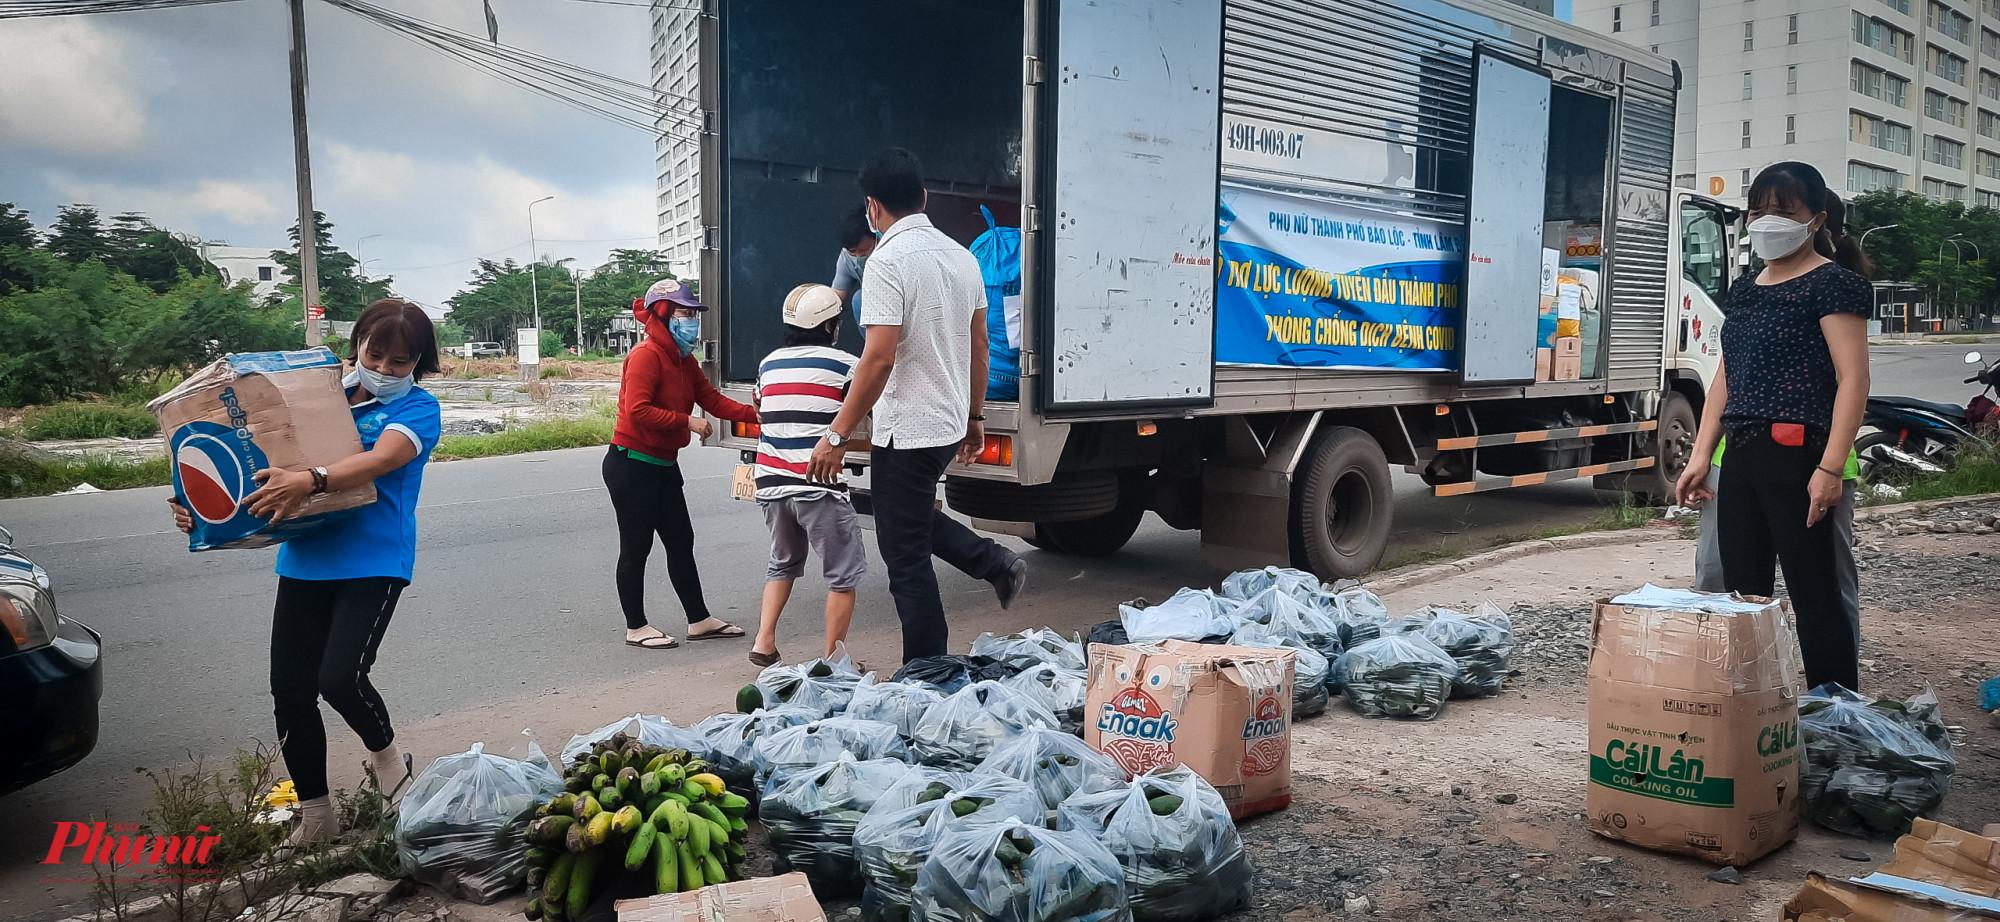 Trước đó, sáng 19/6, tỉnh Lâm Đồng cũng đã có chuyến xe yêu thương chở đầy rau củ hướng về TPHCM